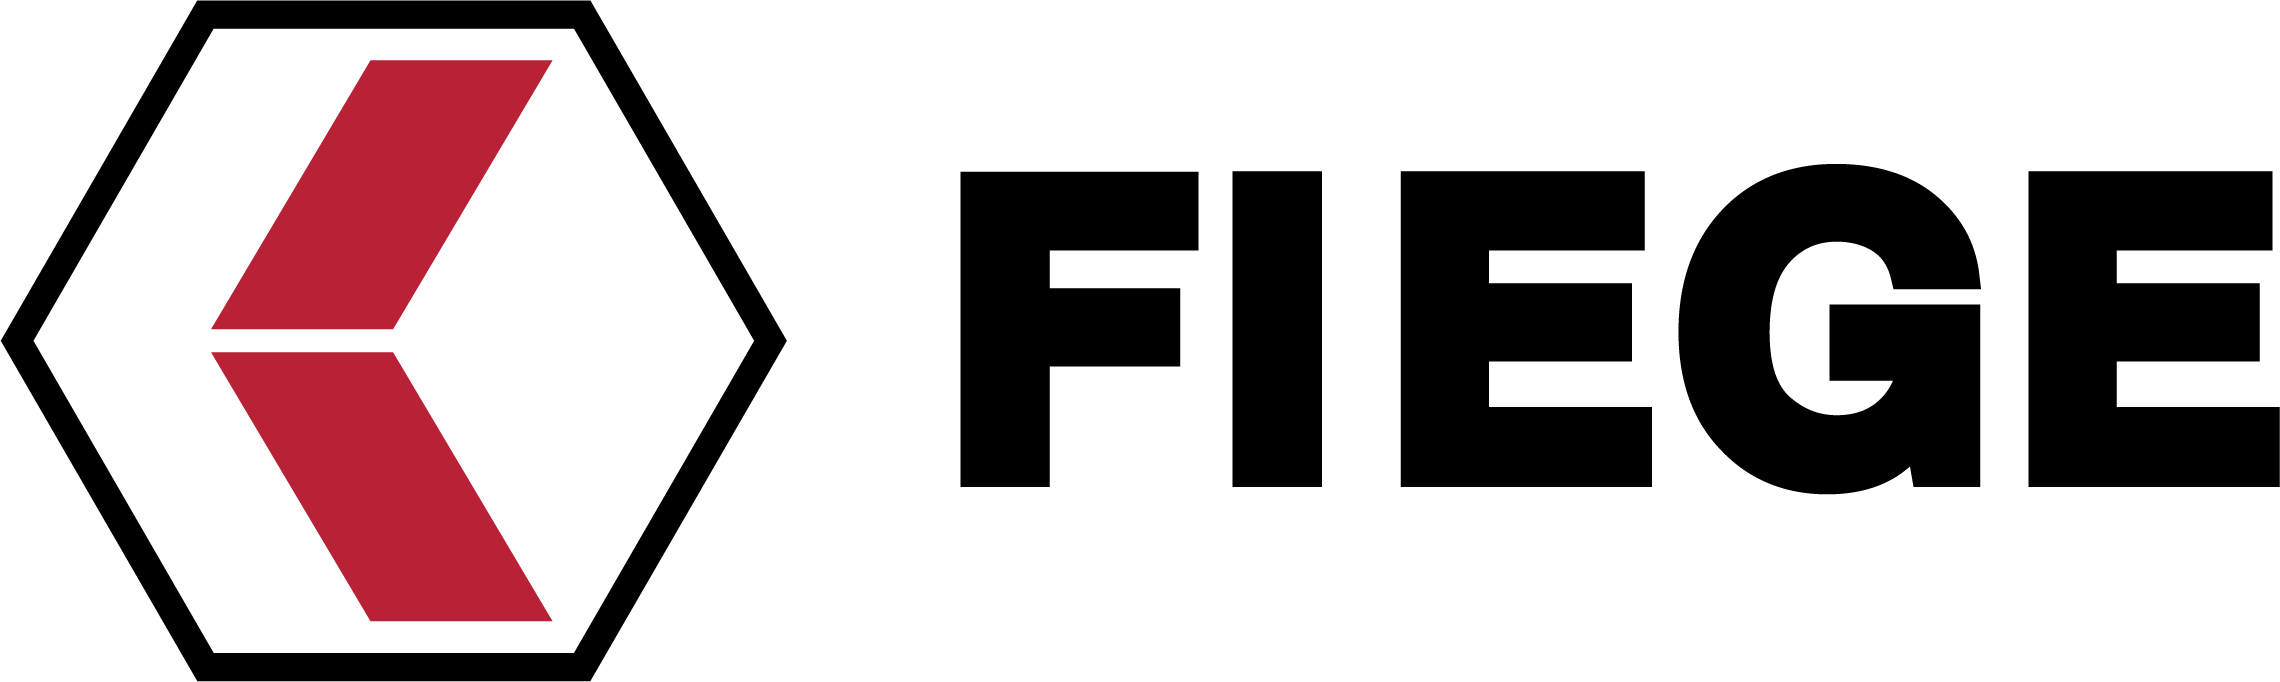 fiege_logistik